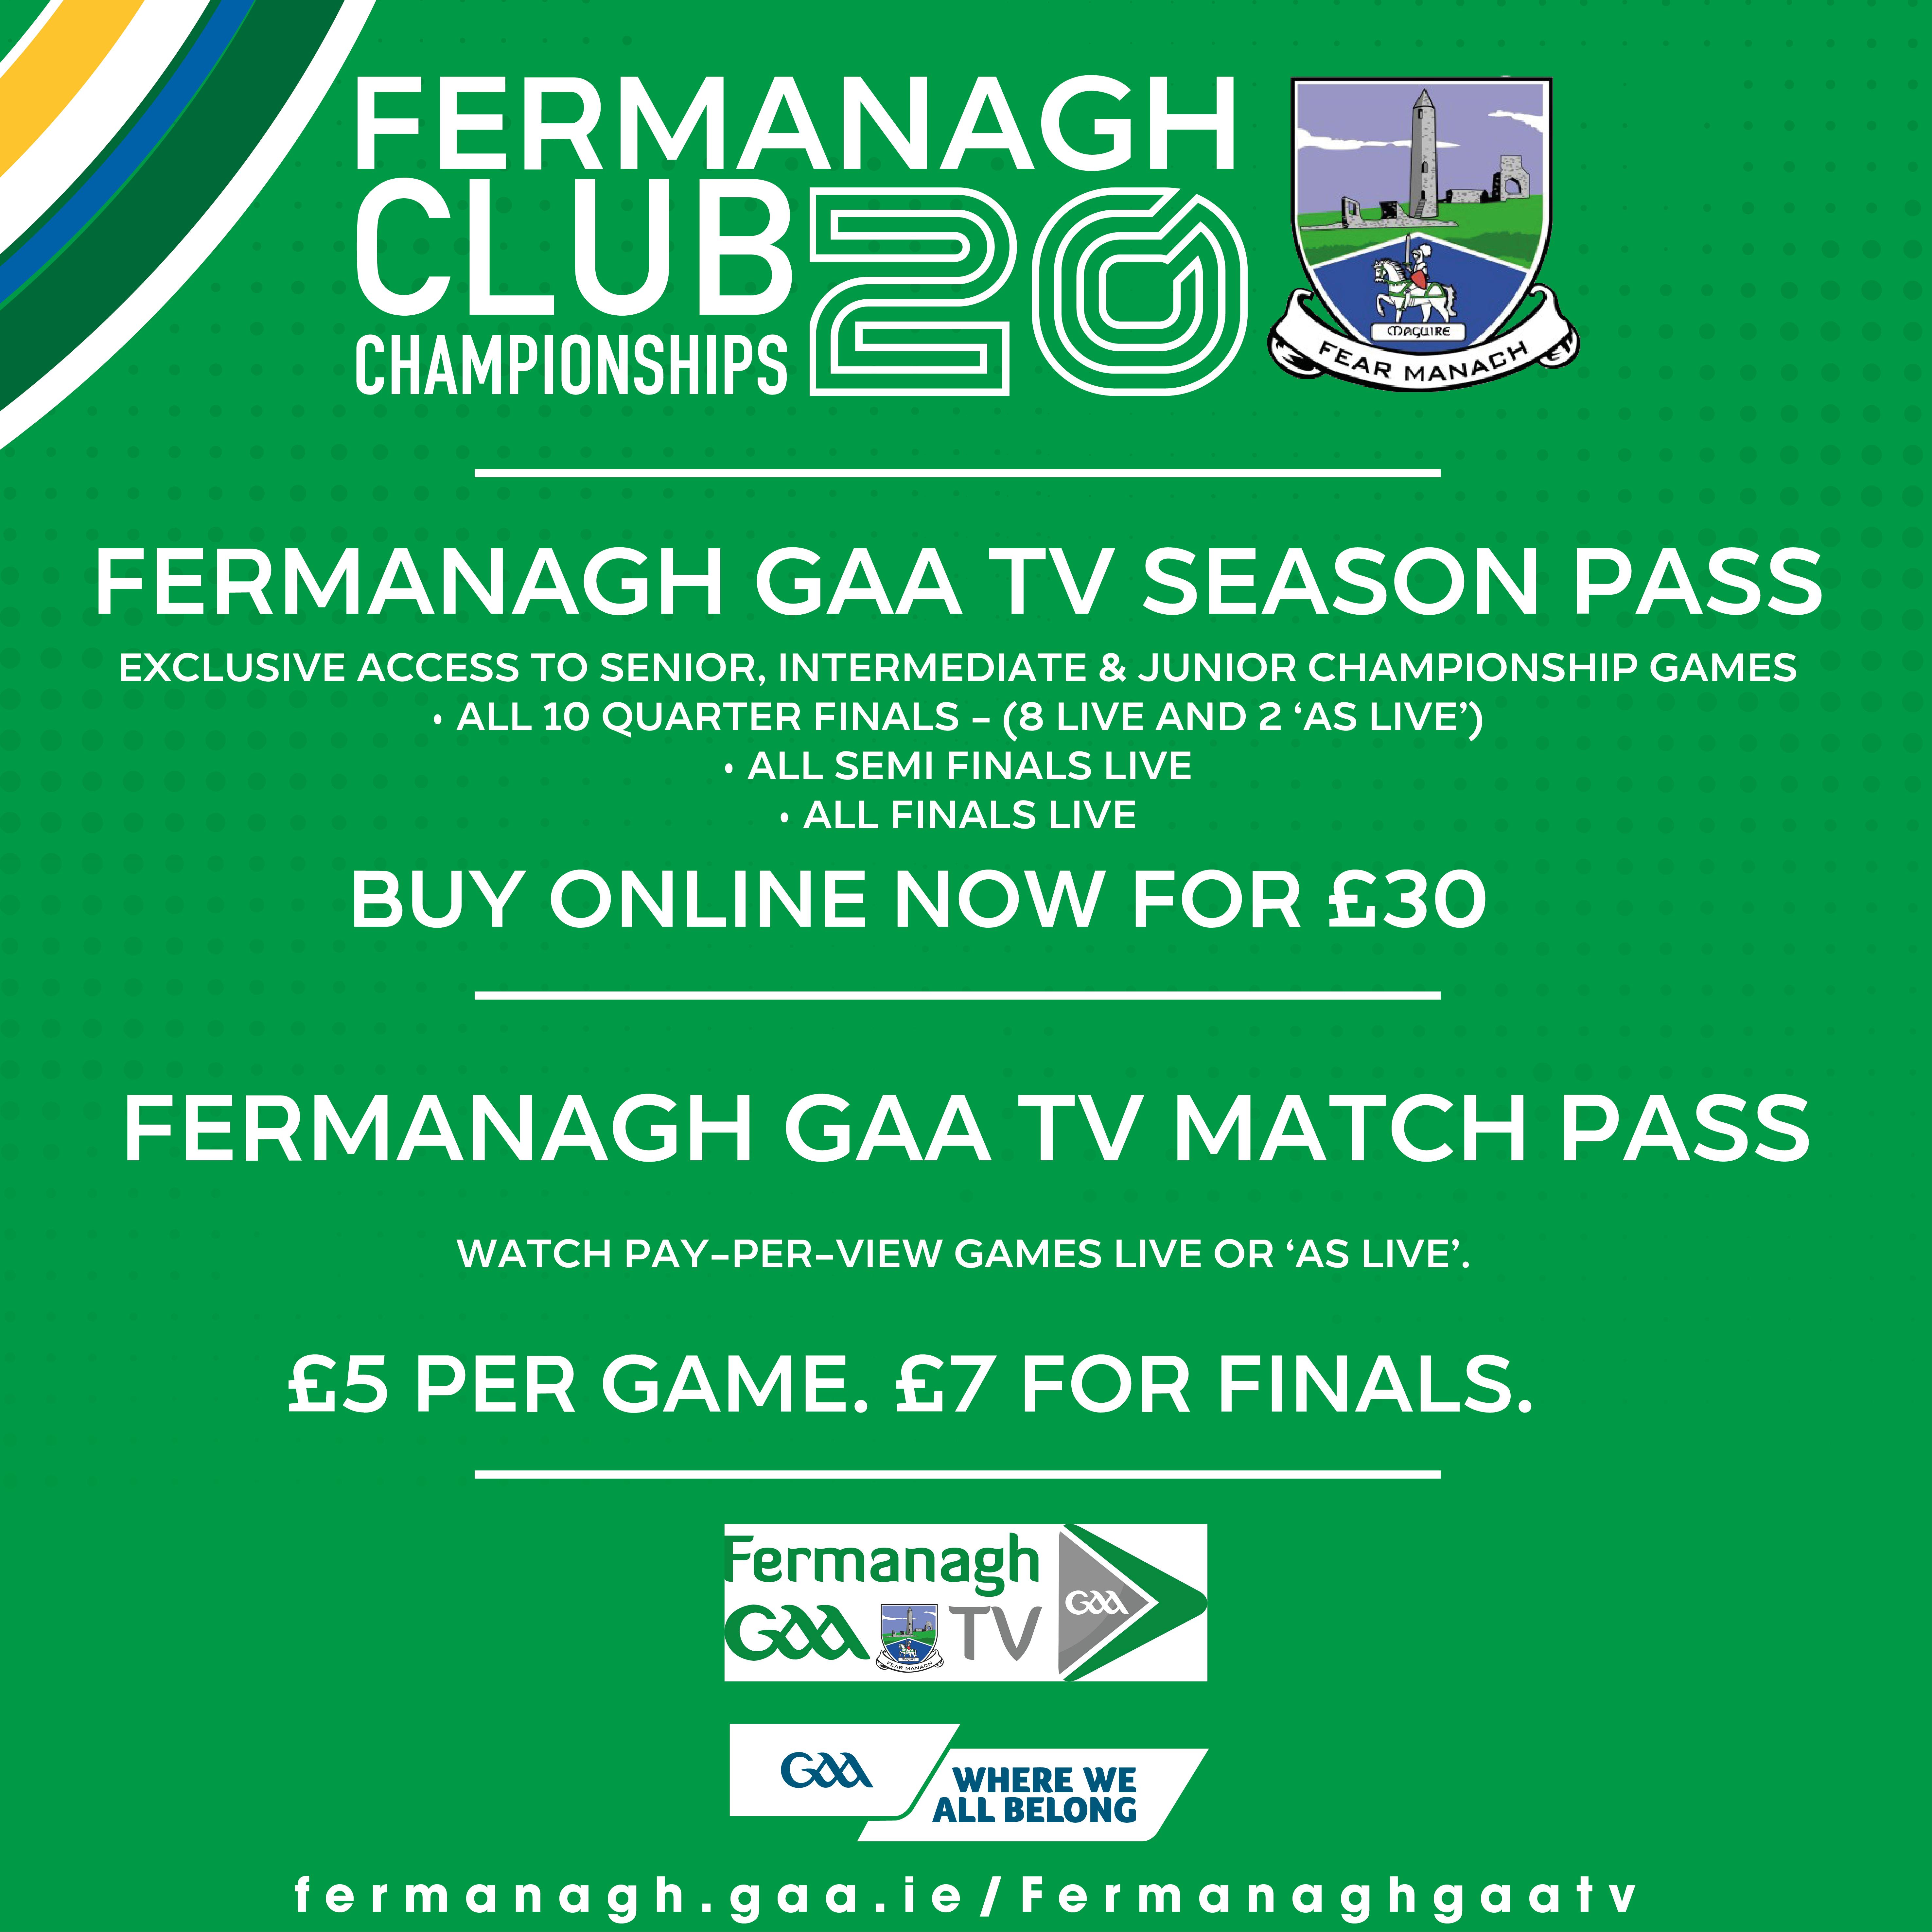 Season Pass for Fermanagh GAA TV